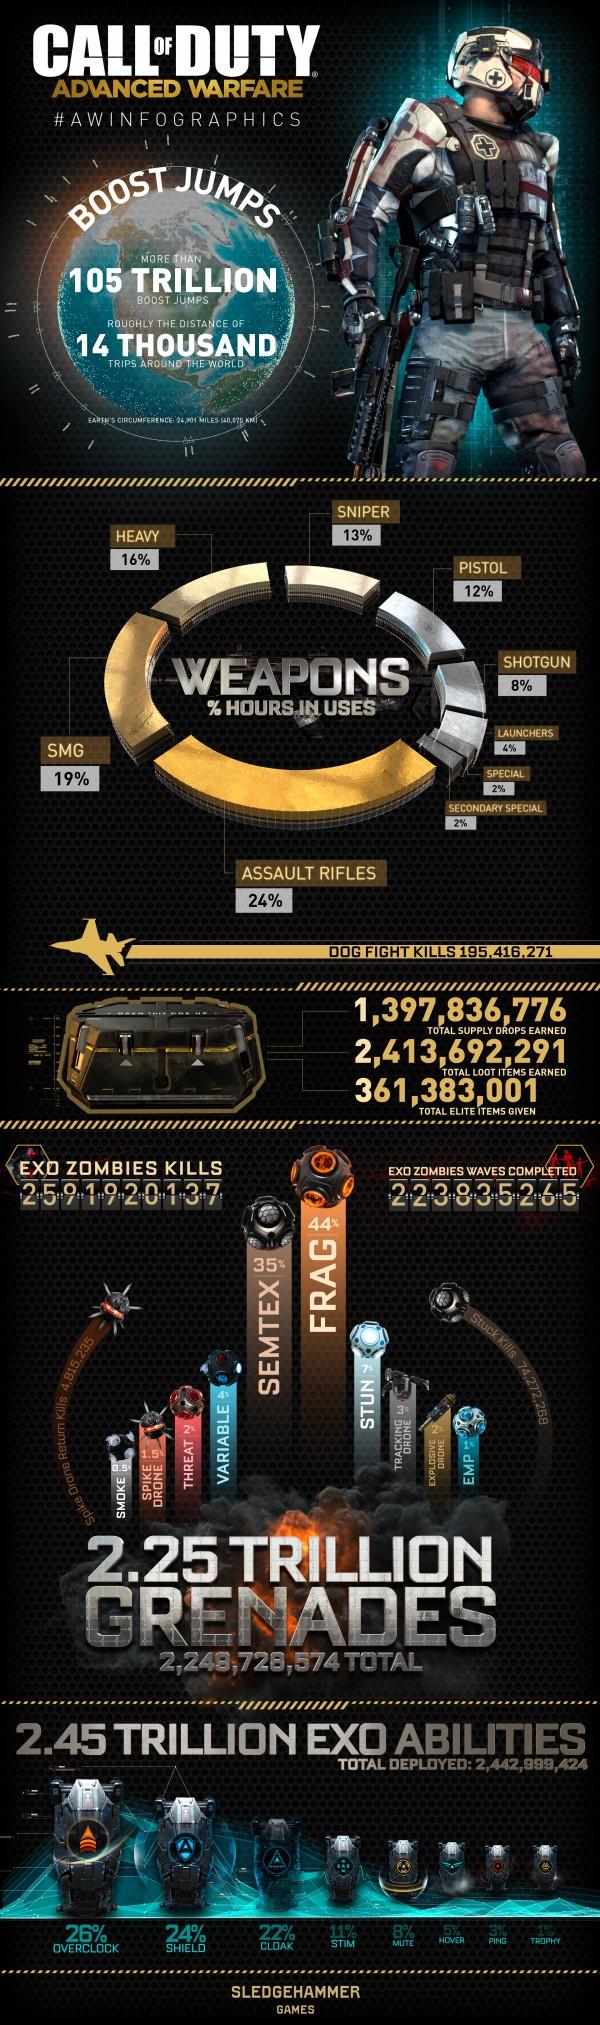 AW_Infographic_MASTER_v04